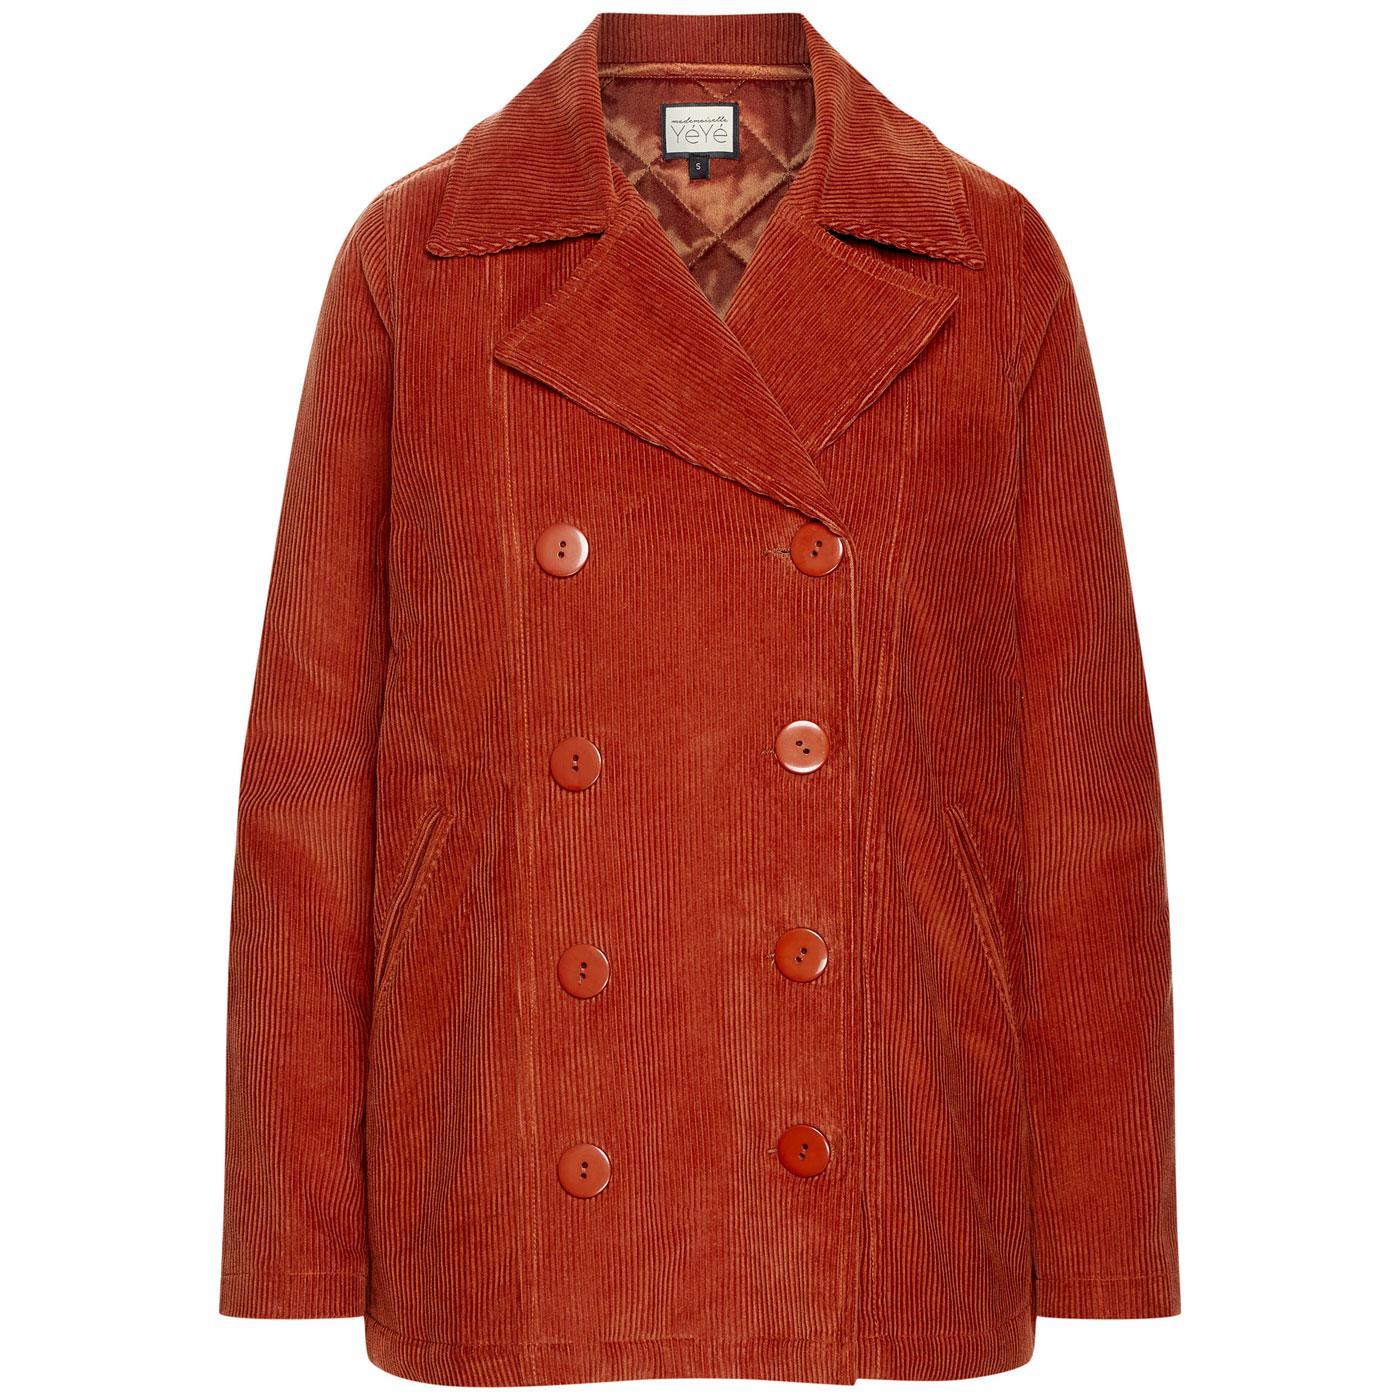 All Set MADEMOISELLE YEYE Pea Coat Cord Jacket